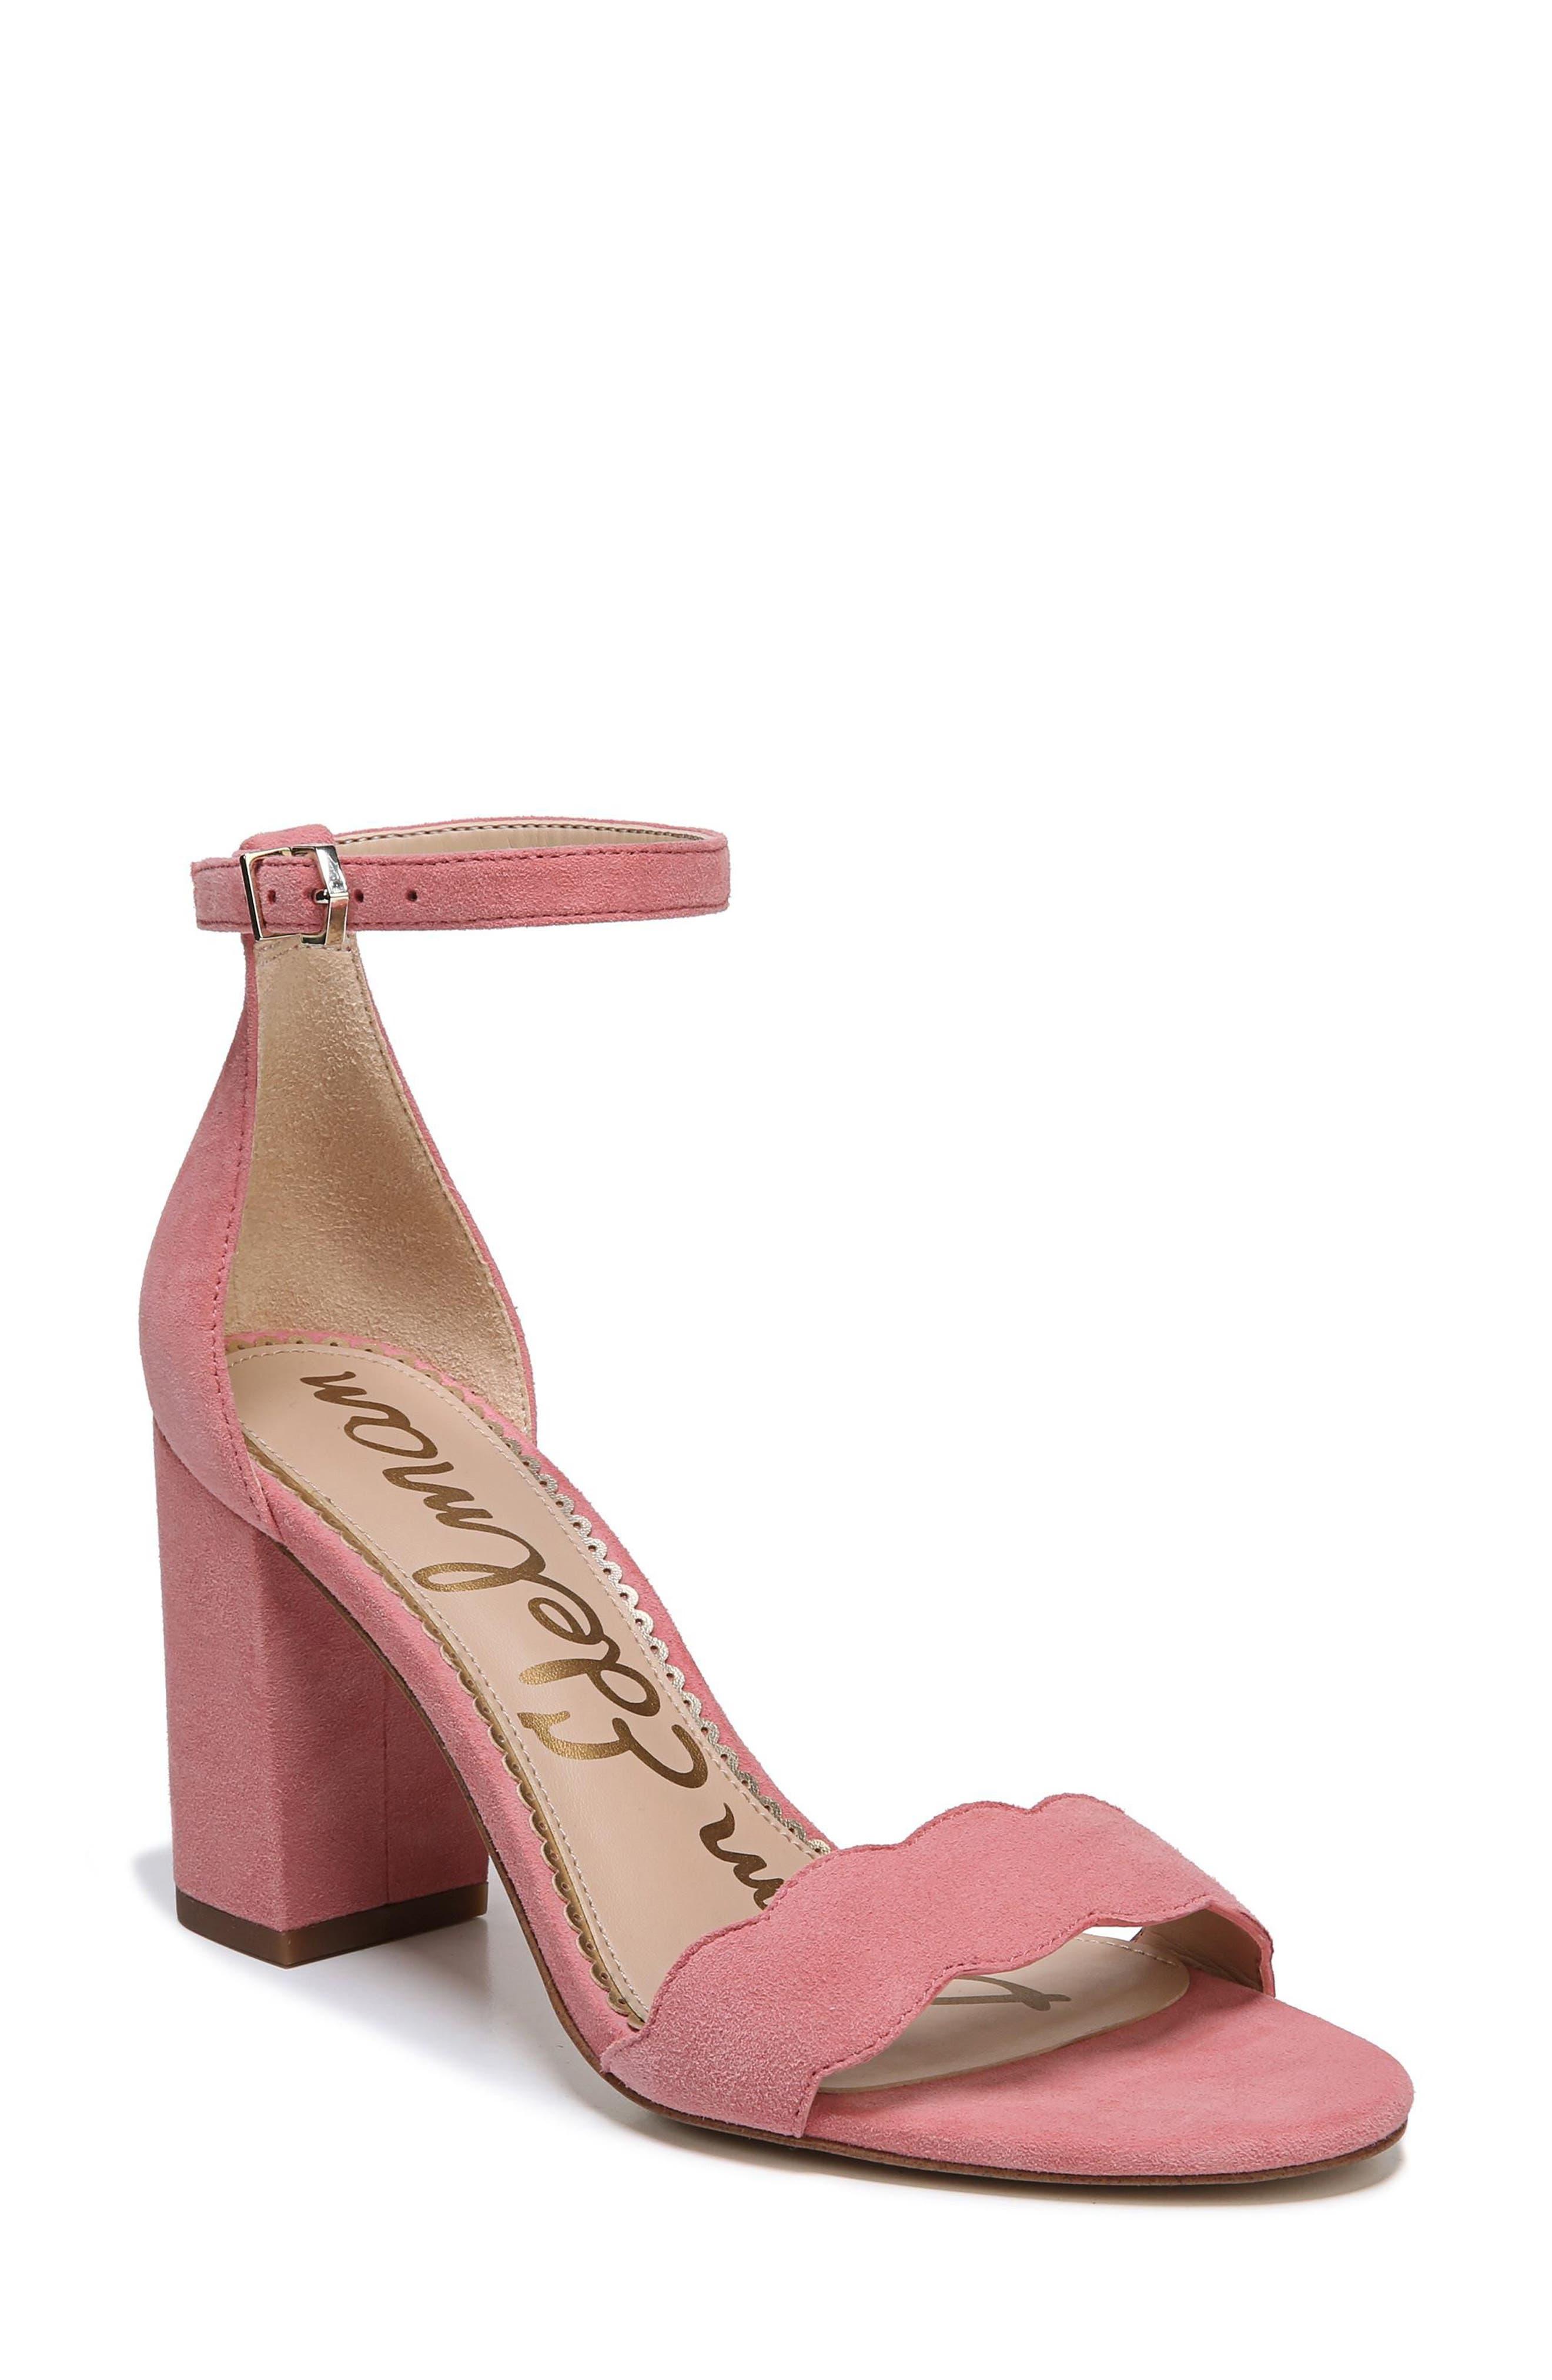 Odila Sandal,                             Main thumbnail 1, color,                             Pink Lemonade Suede